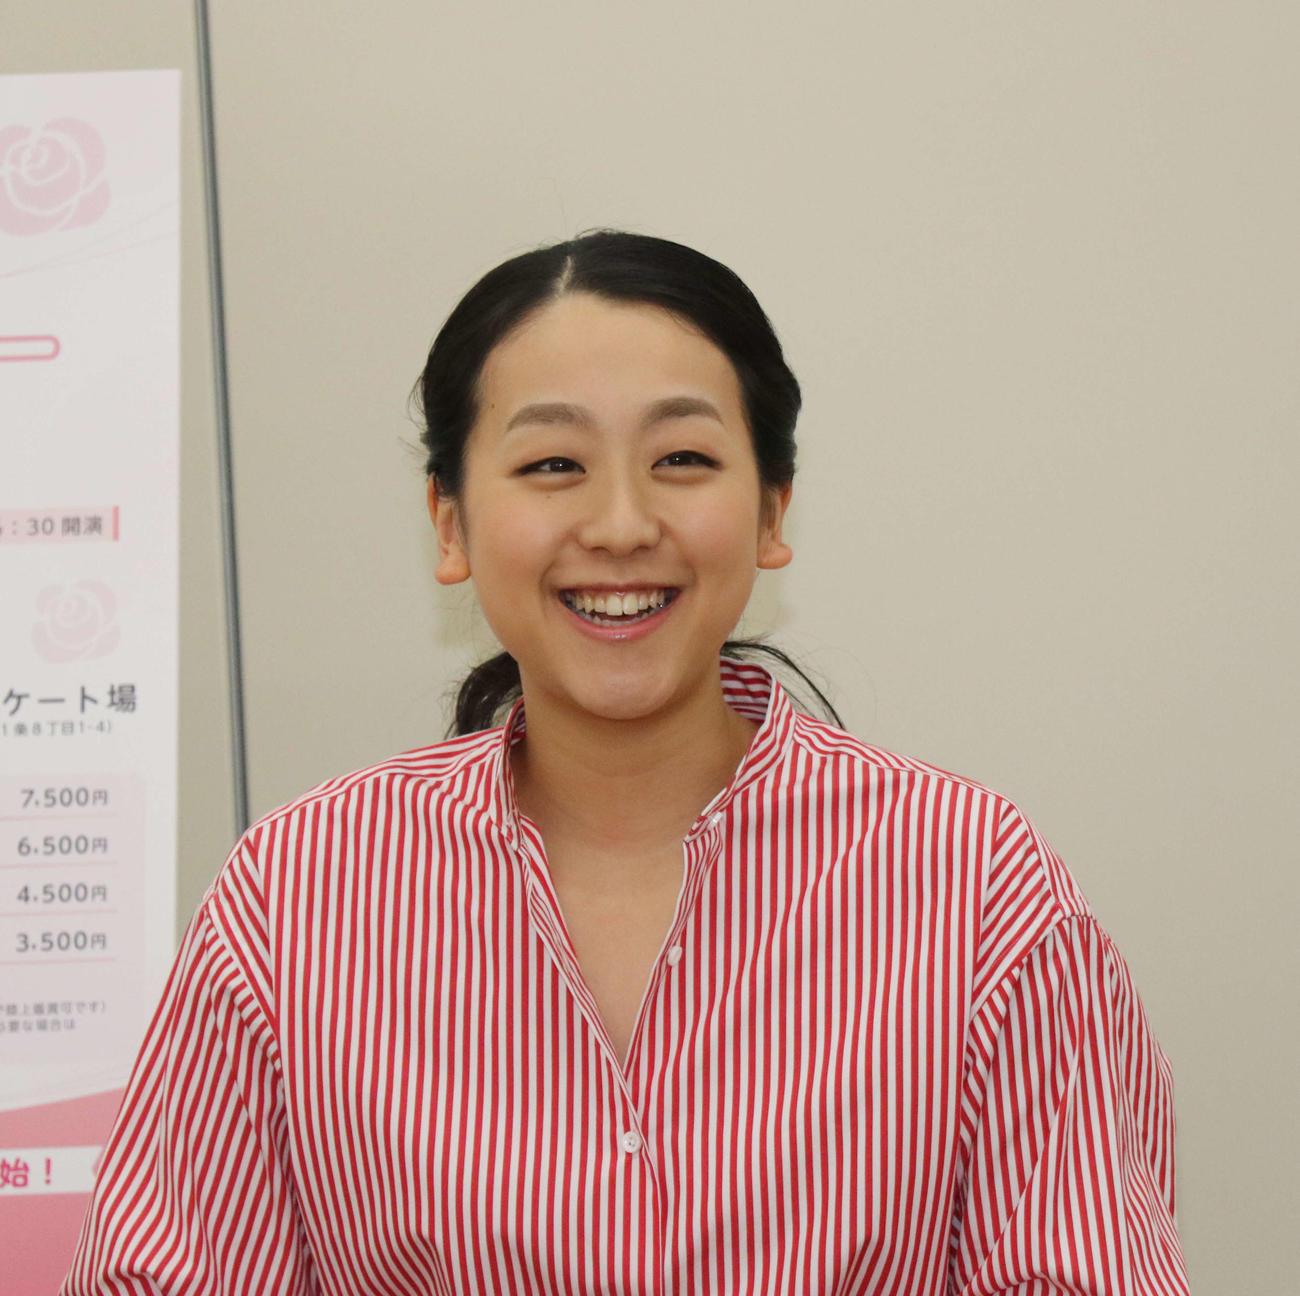 浅田真央さん(2018年4月28日撮影)